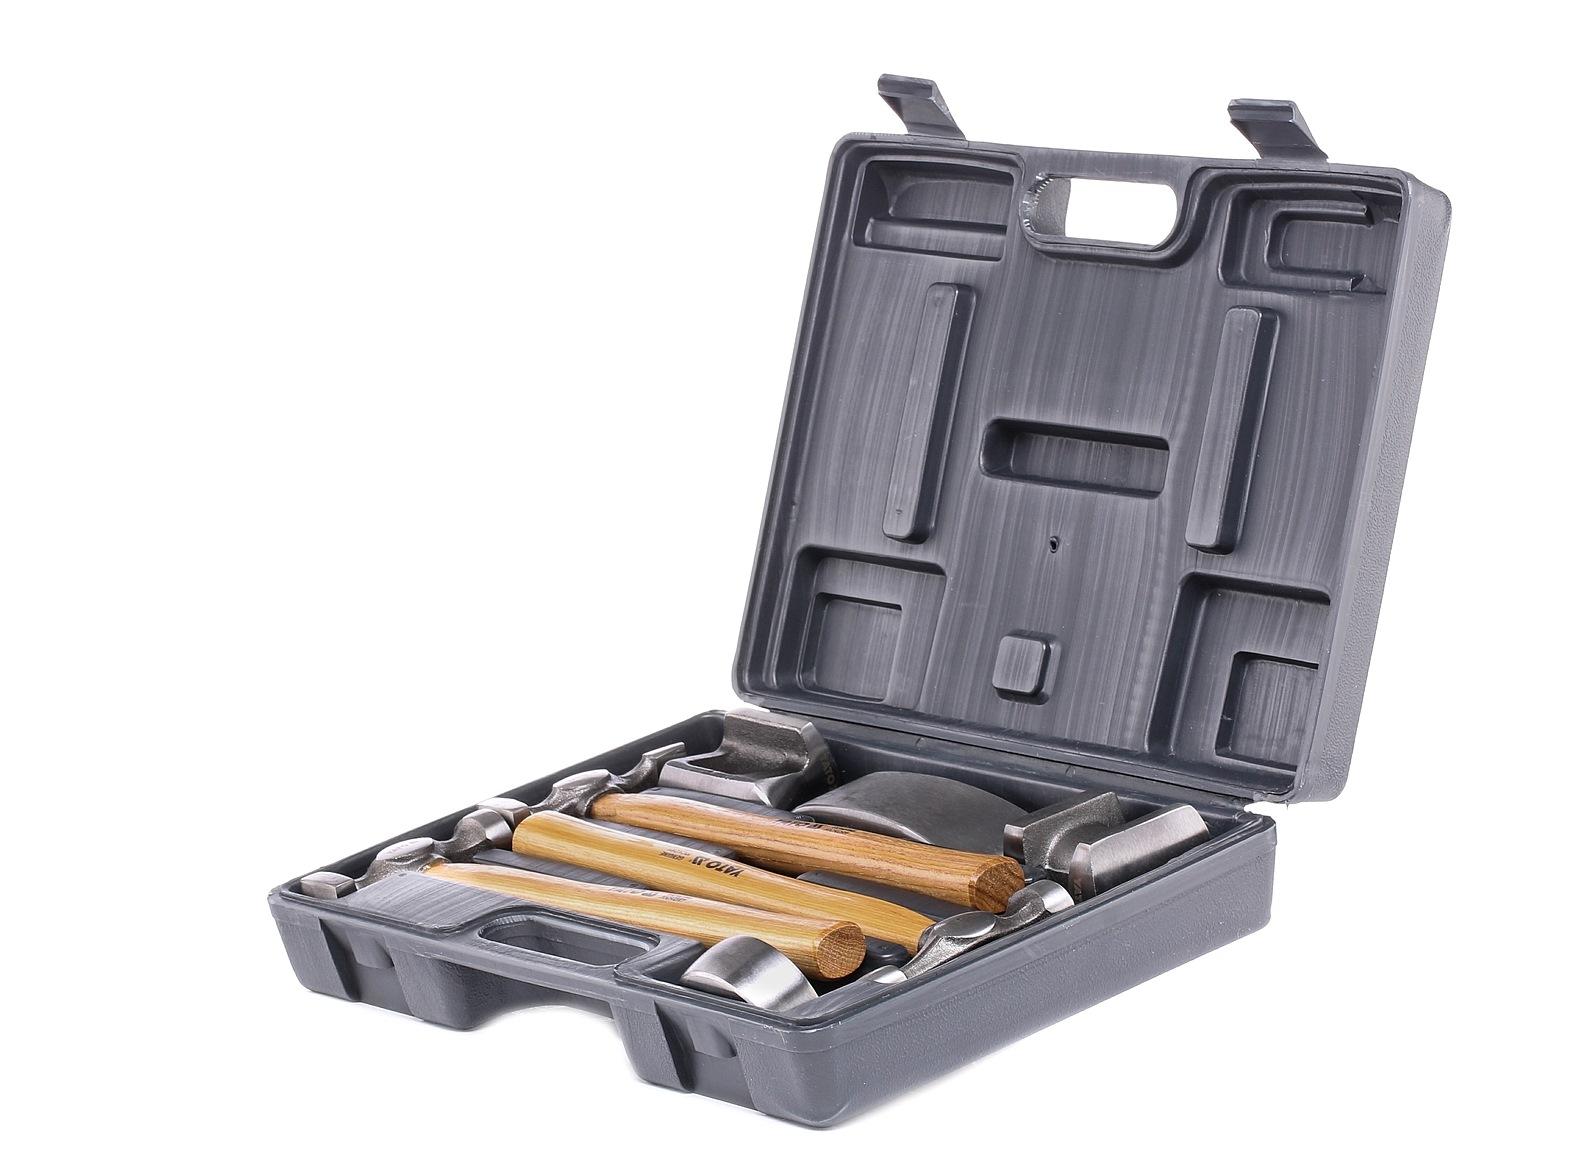 YT-4590 YATO Anzahl Werkzeuge: 7 Ausbeulhammer-Satz YT-4590 günstig kaufen